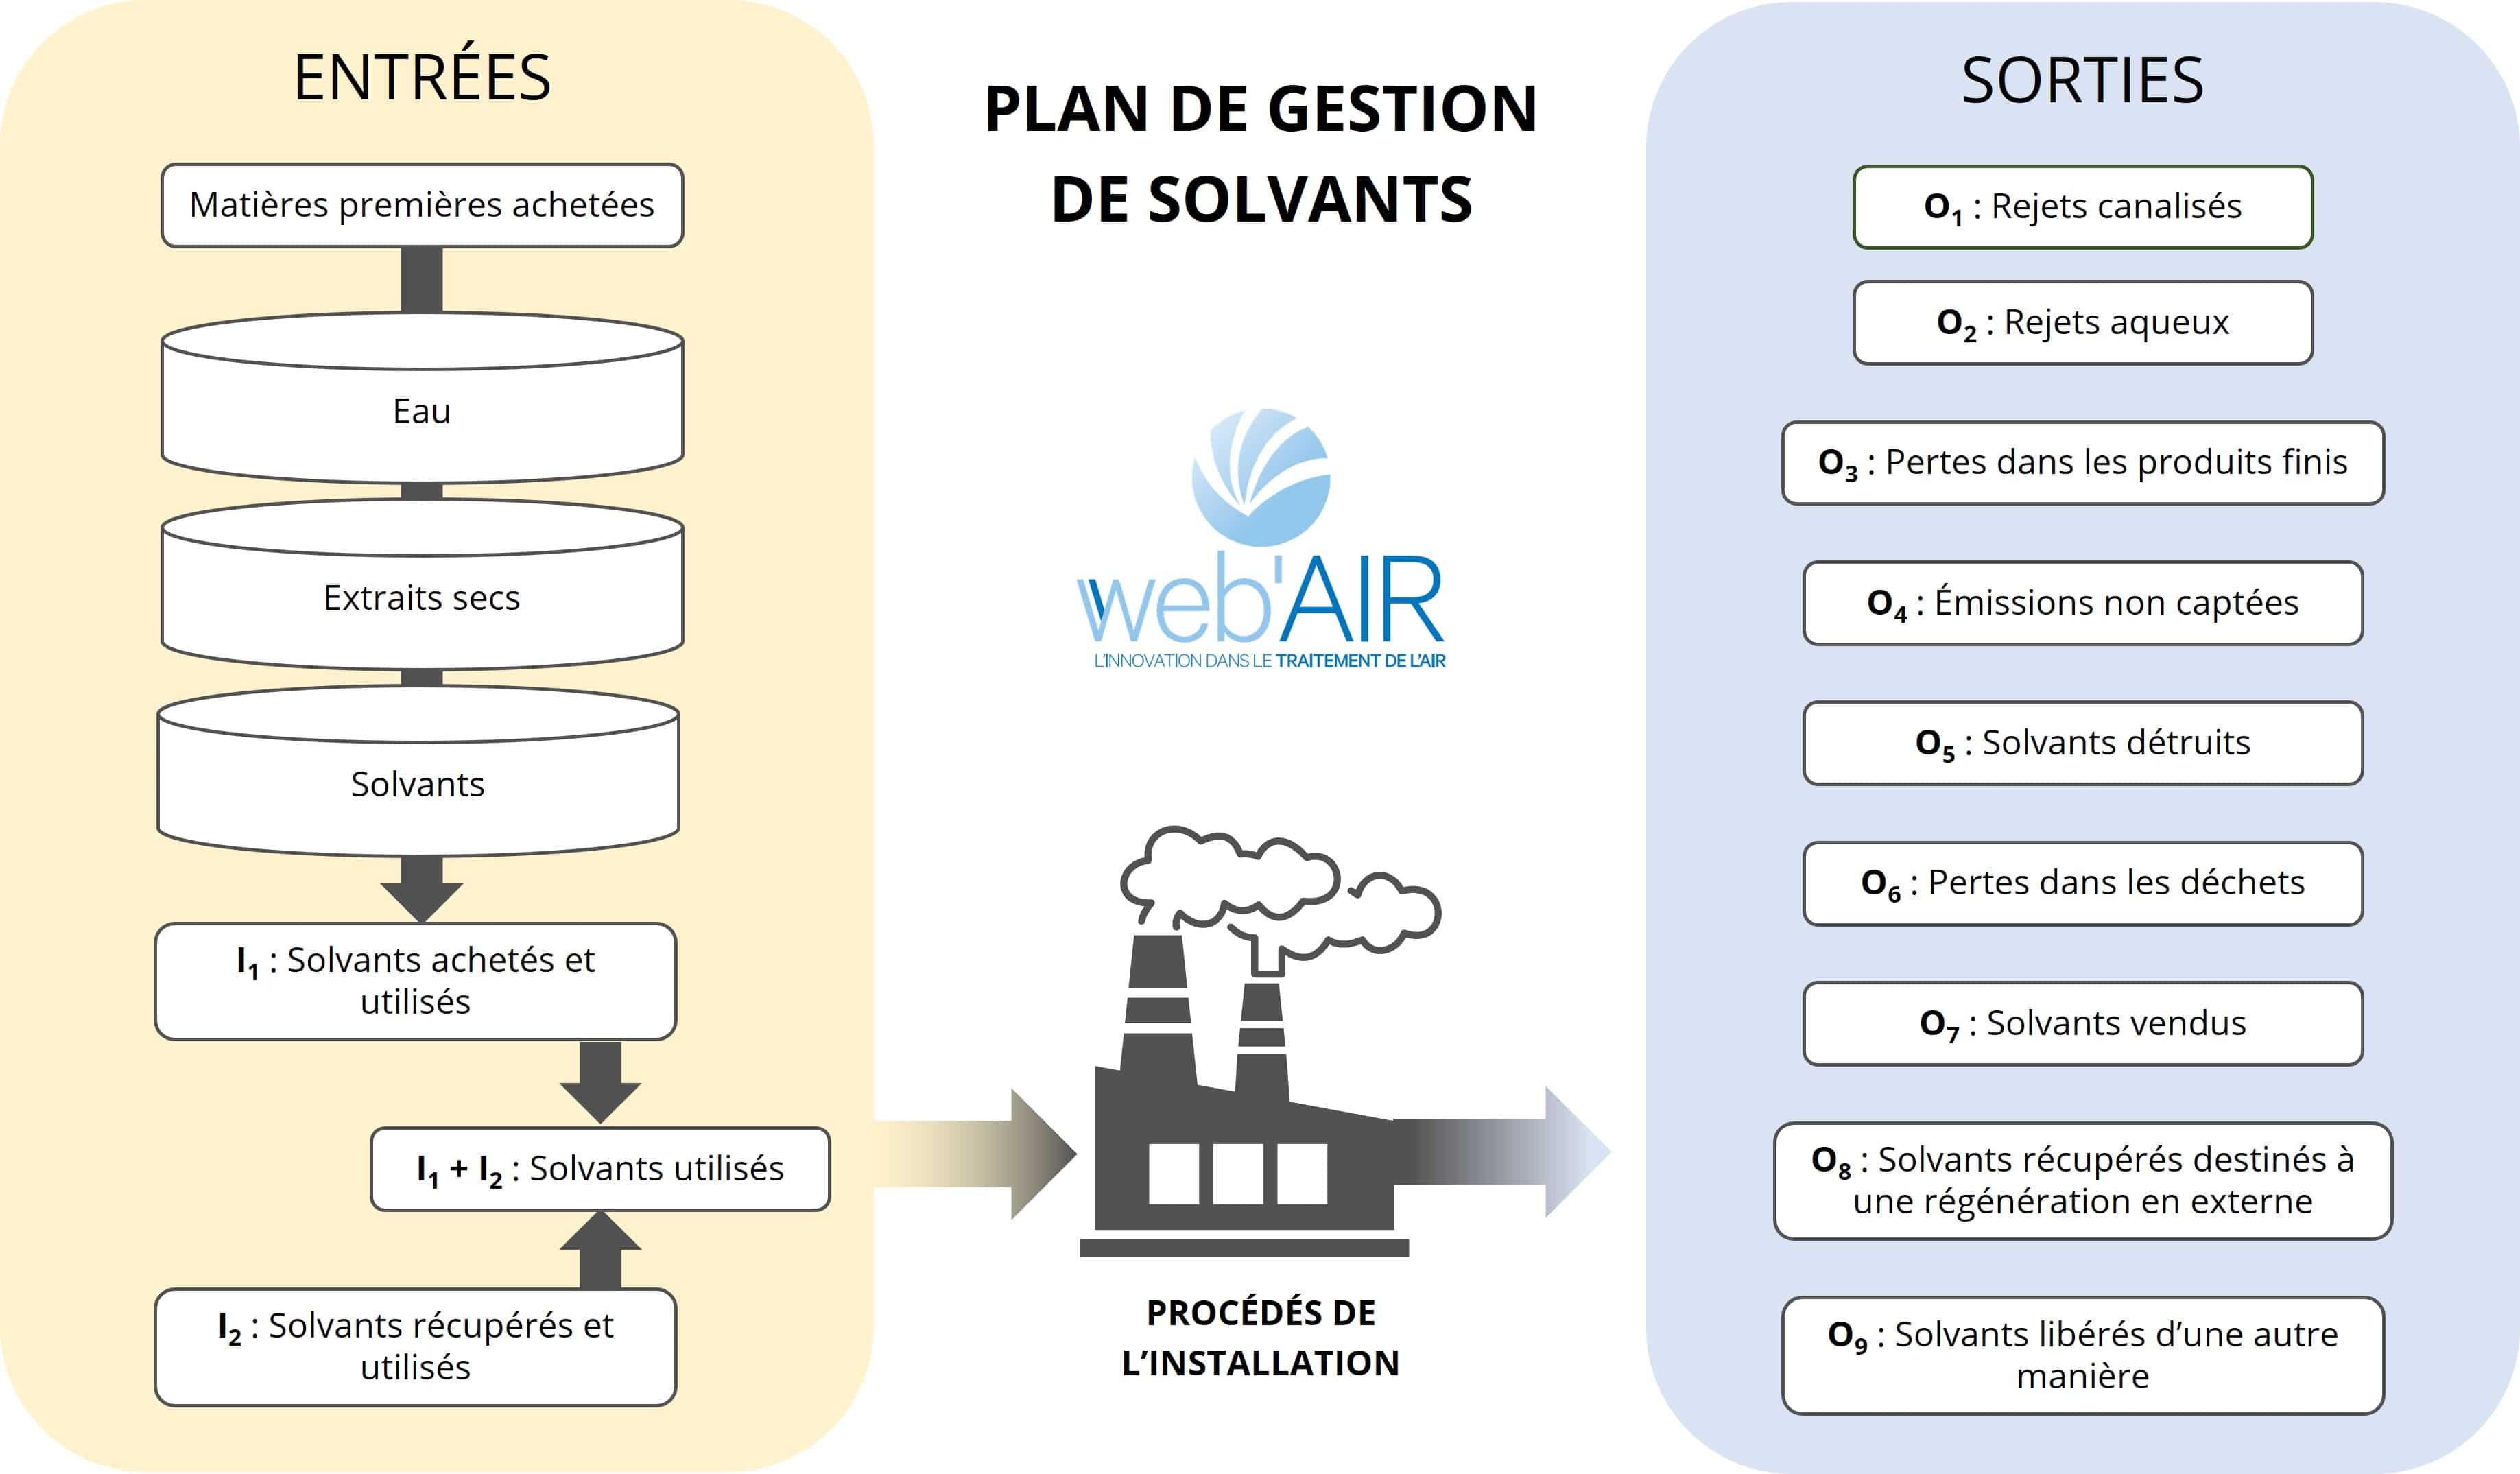 Schéma pour la réalisation d'un Plan de Gestion de Solvants (PGS)